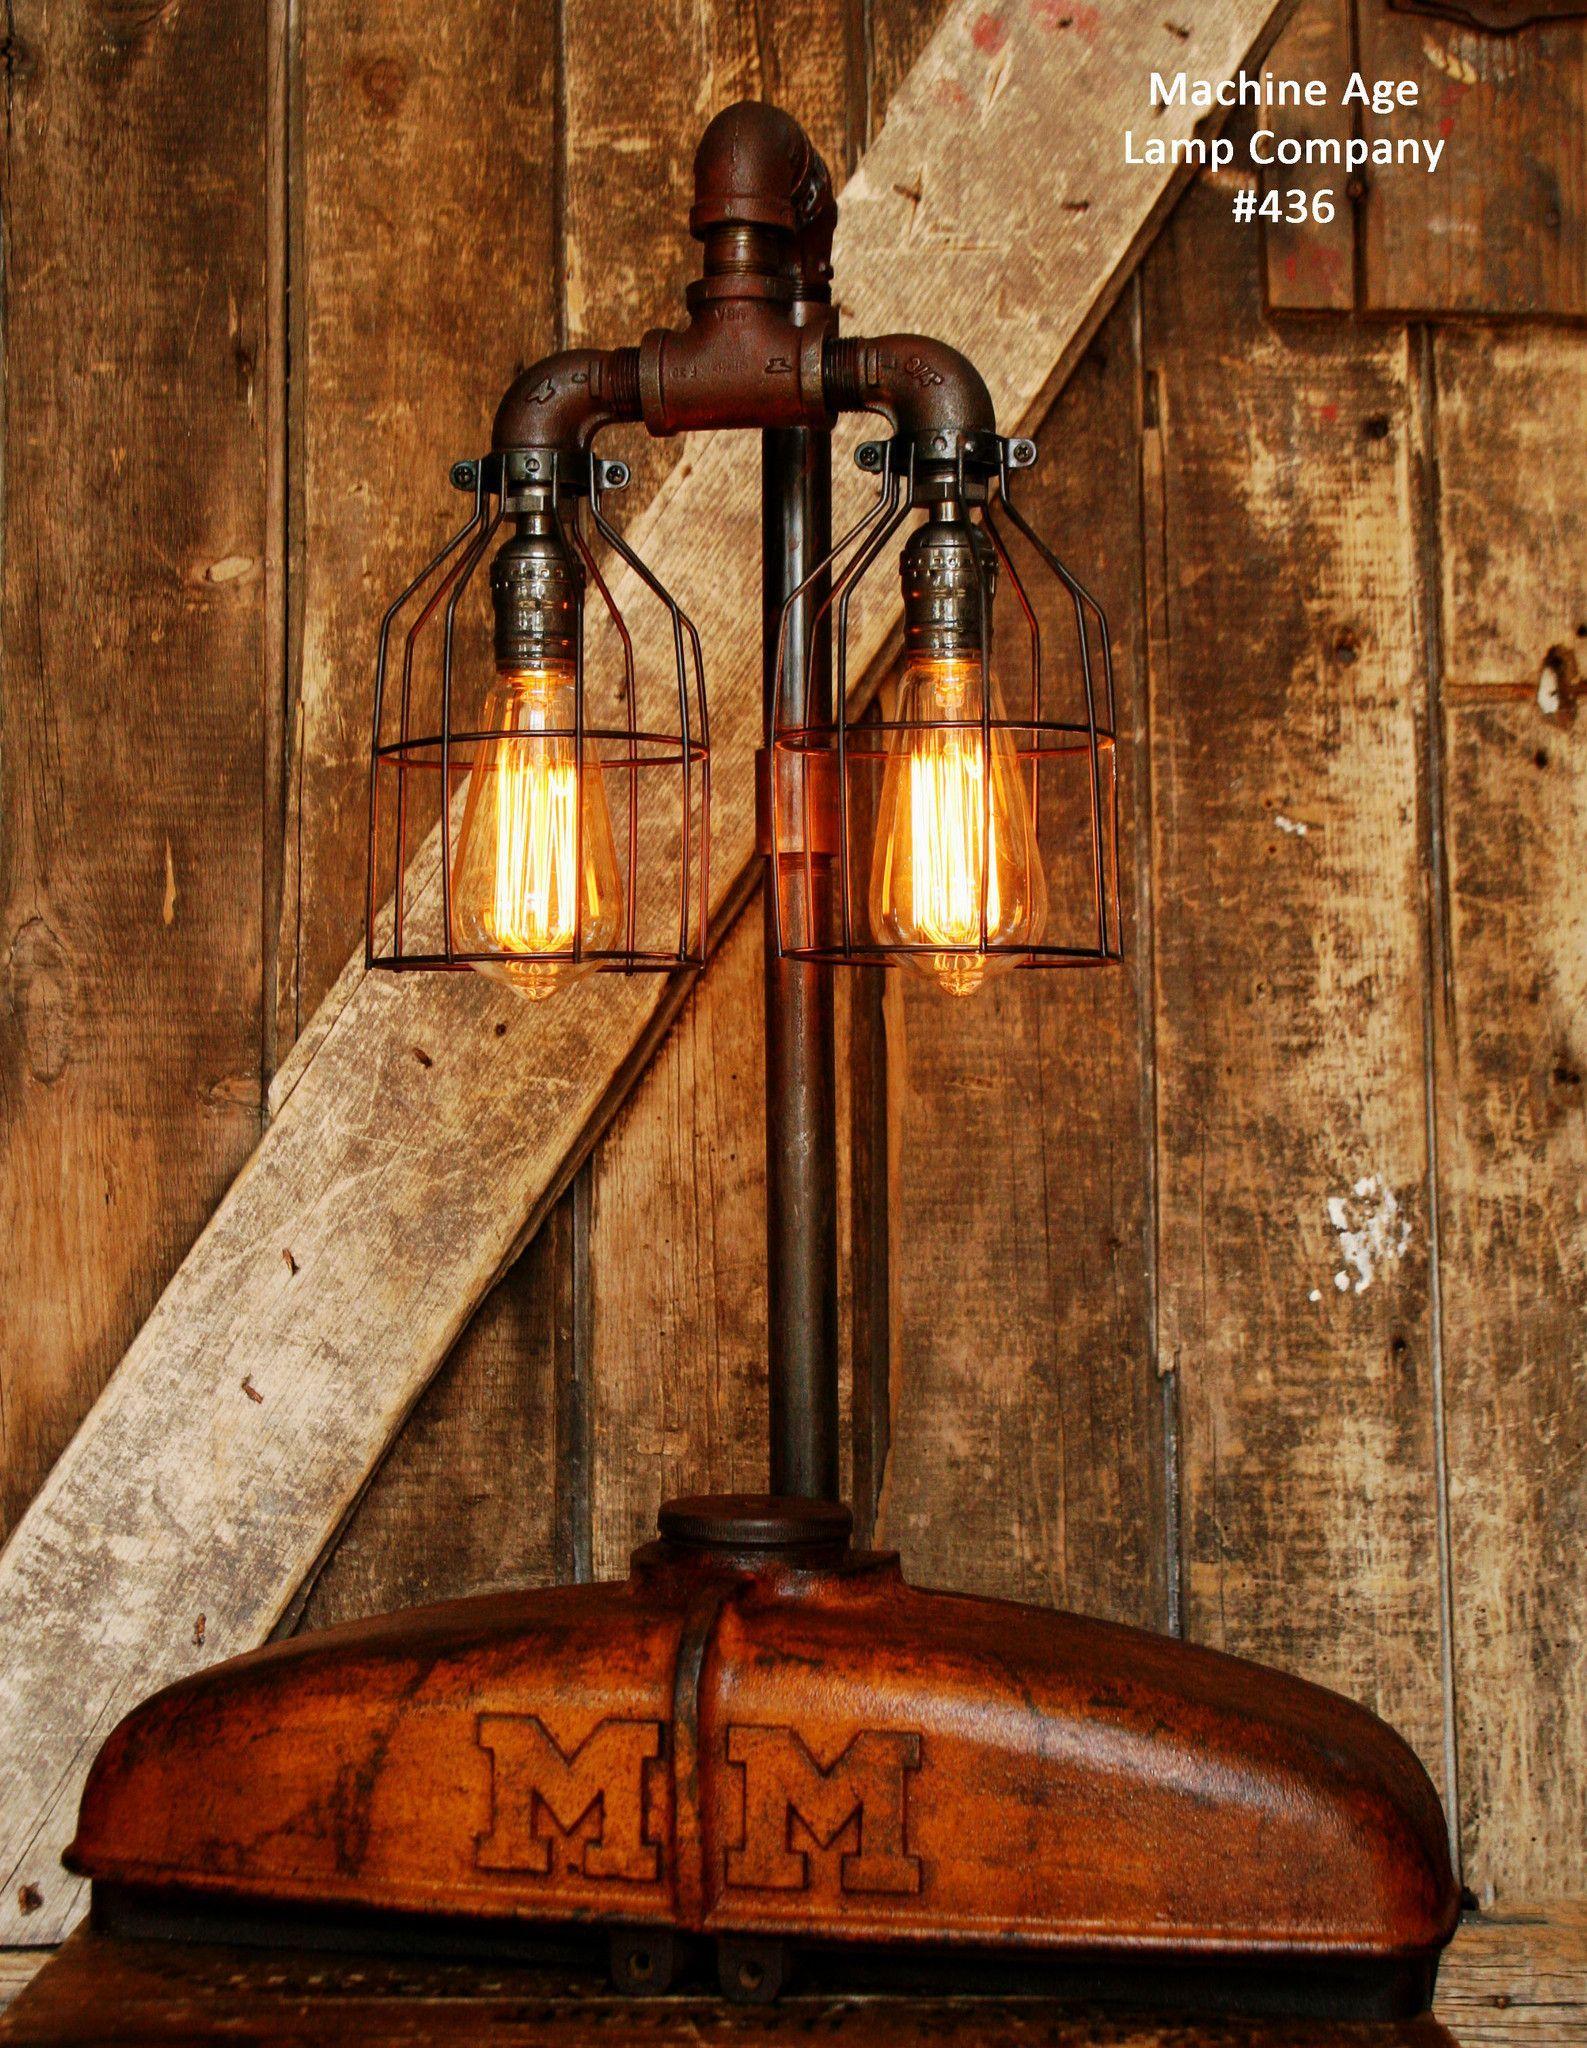 Industrial Lamp, Antique Minneapolis Moline Farm Tractor - #436